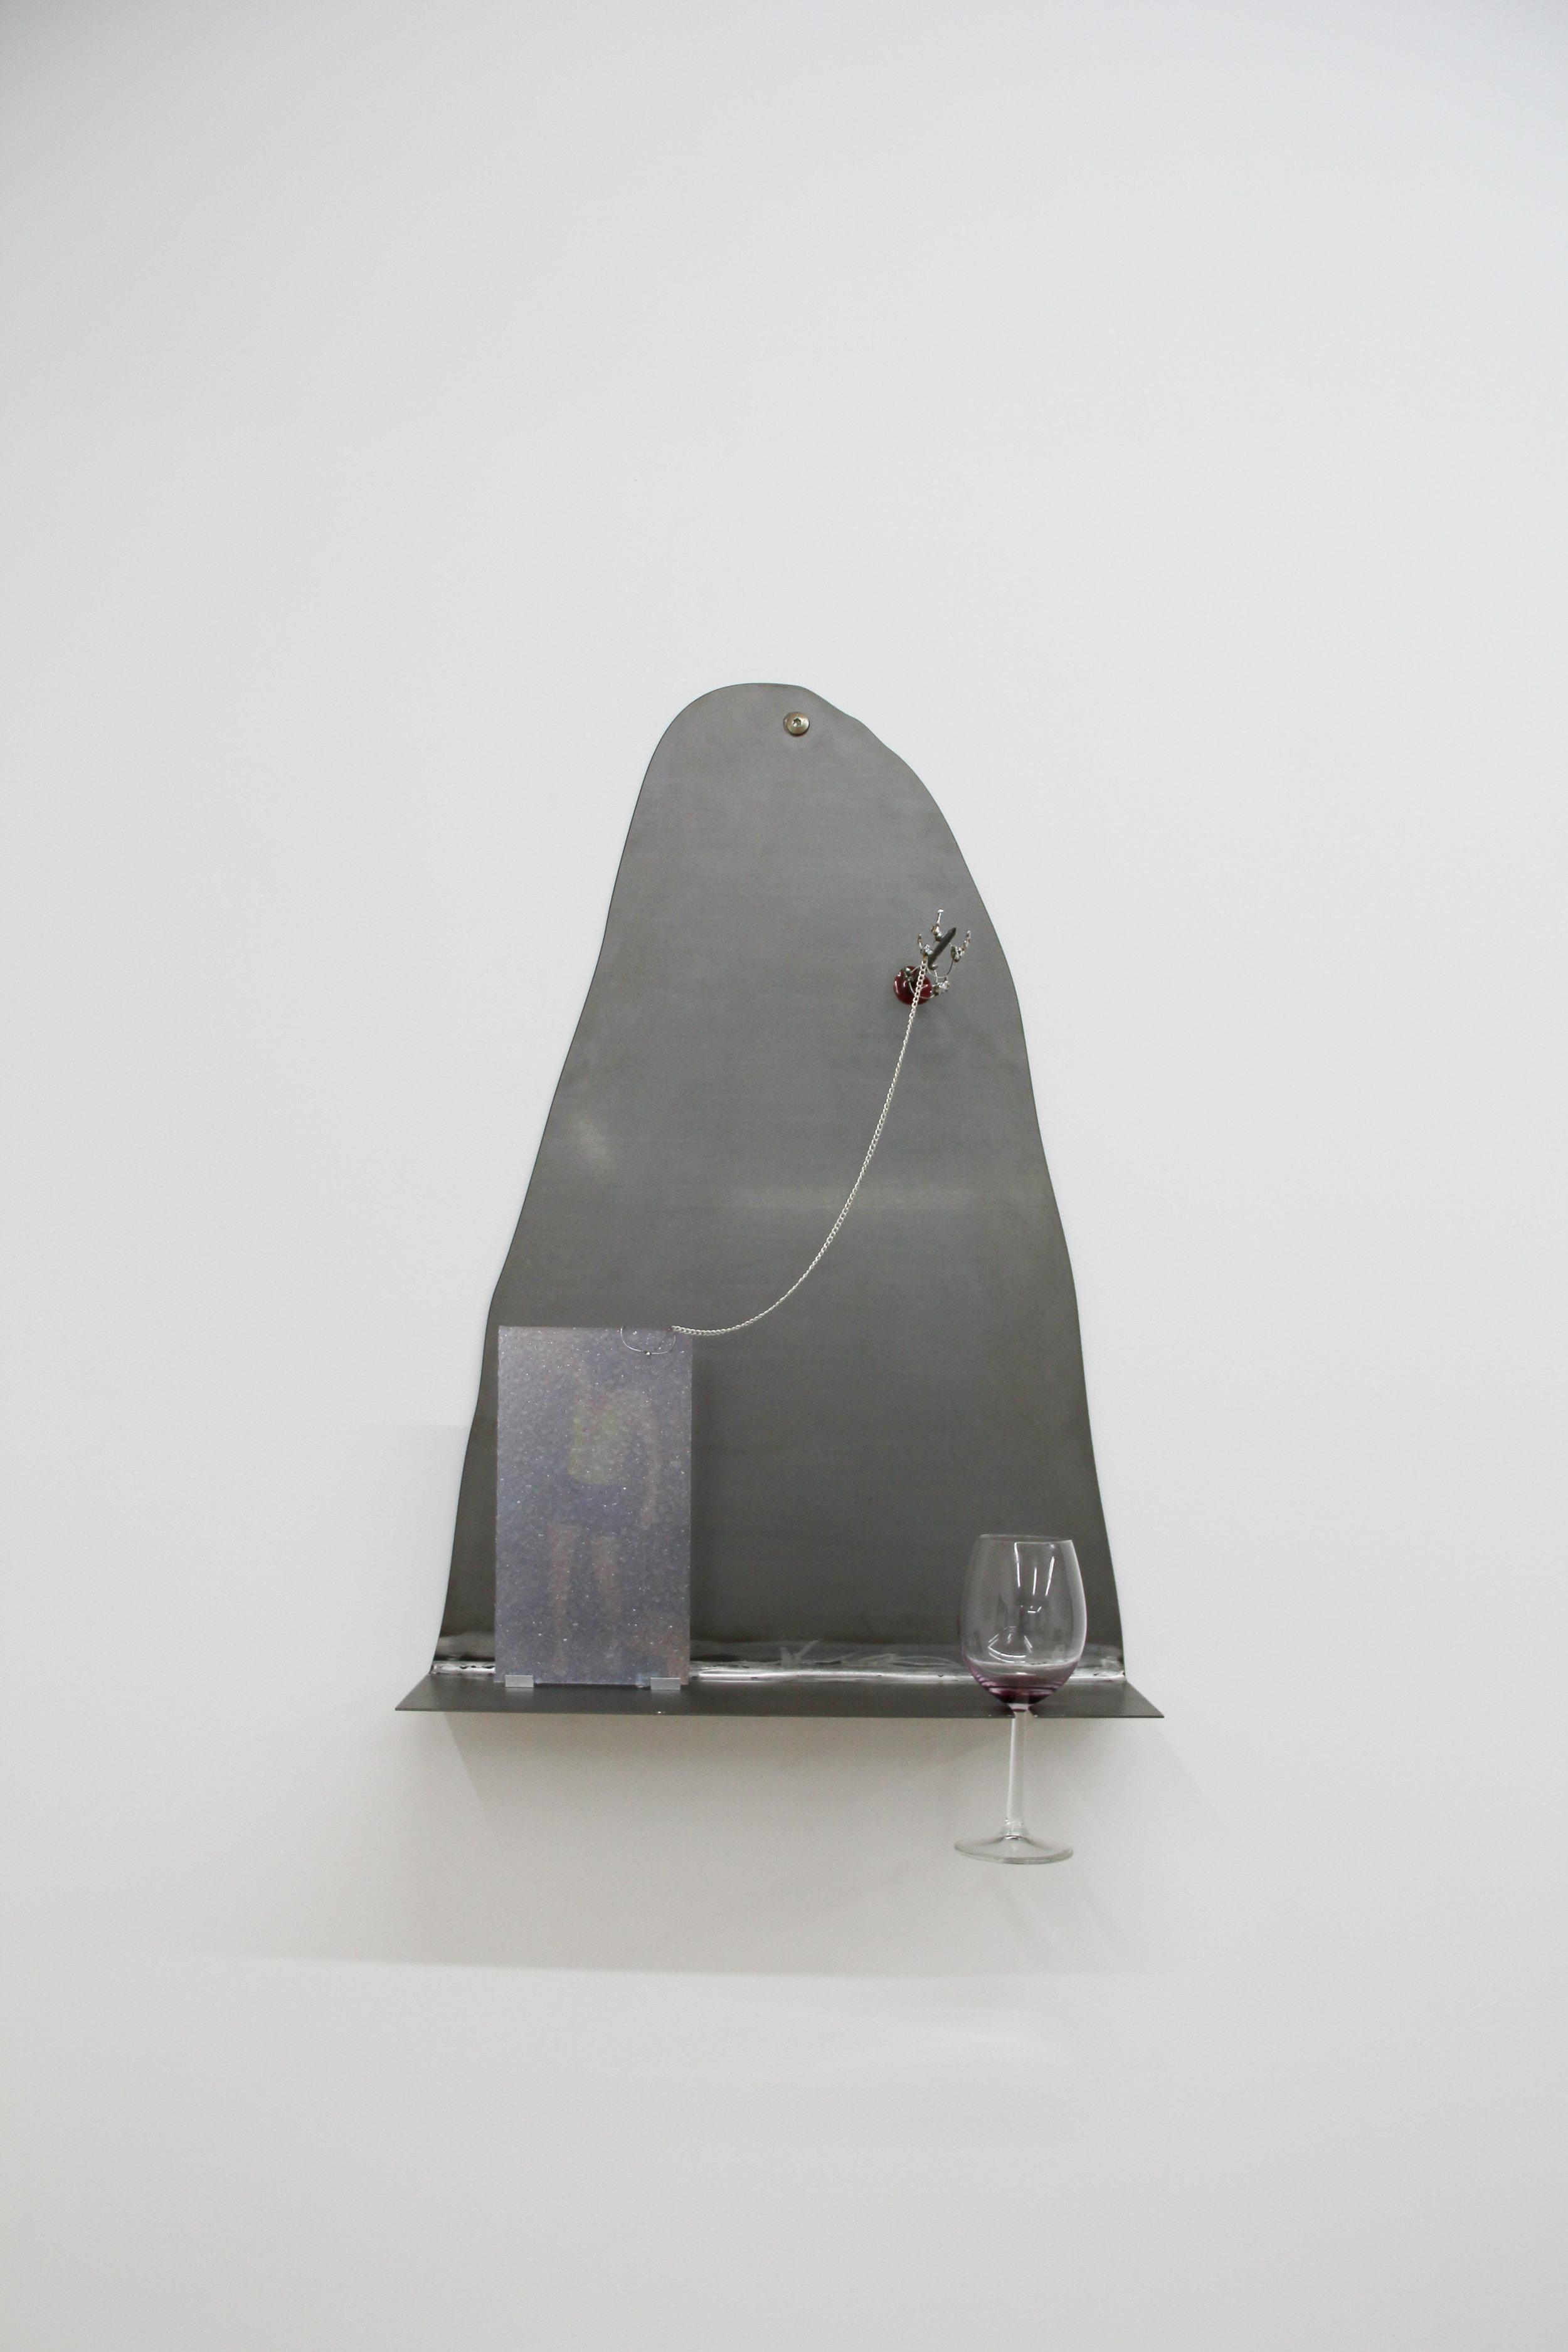 François Durel & Fleur Dujat, Whr u at Angel ?  2018, plaque de métal, verre, photographie